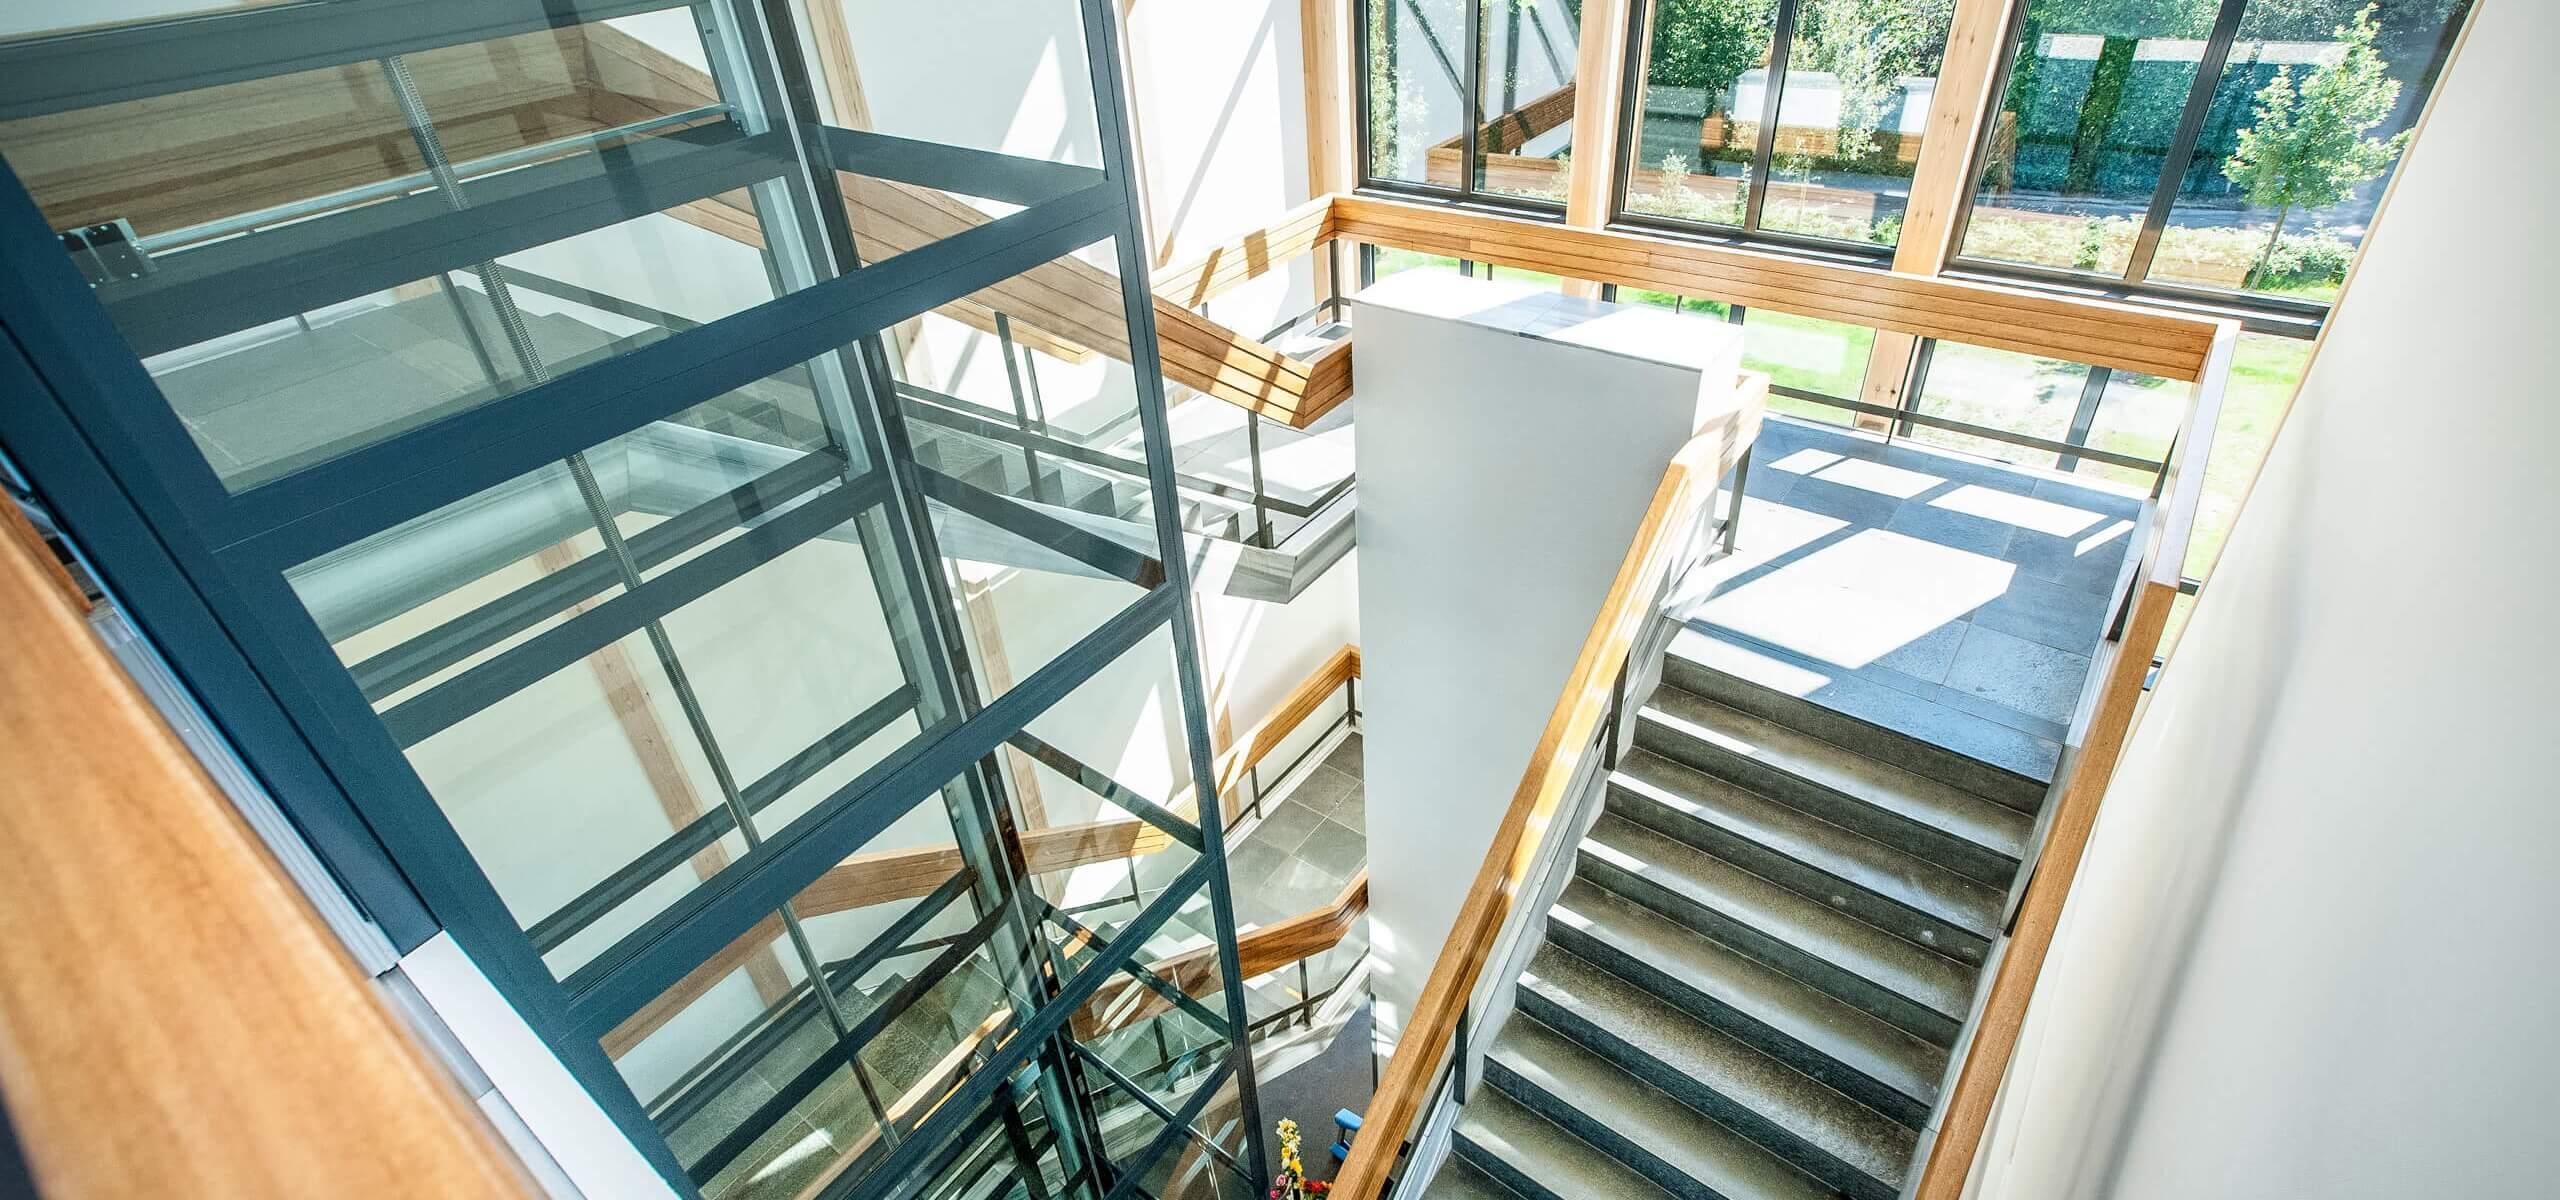 guido-bogert-vastgoed-interieur-exterieur-TwikkelCollegeBorne-0074